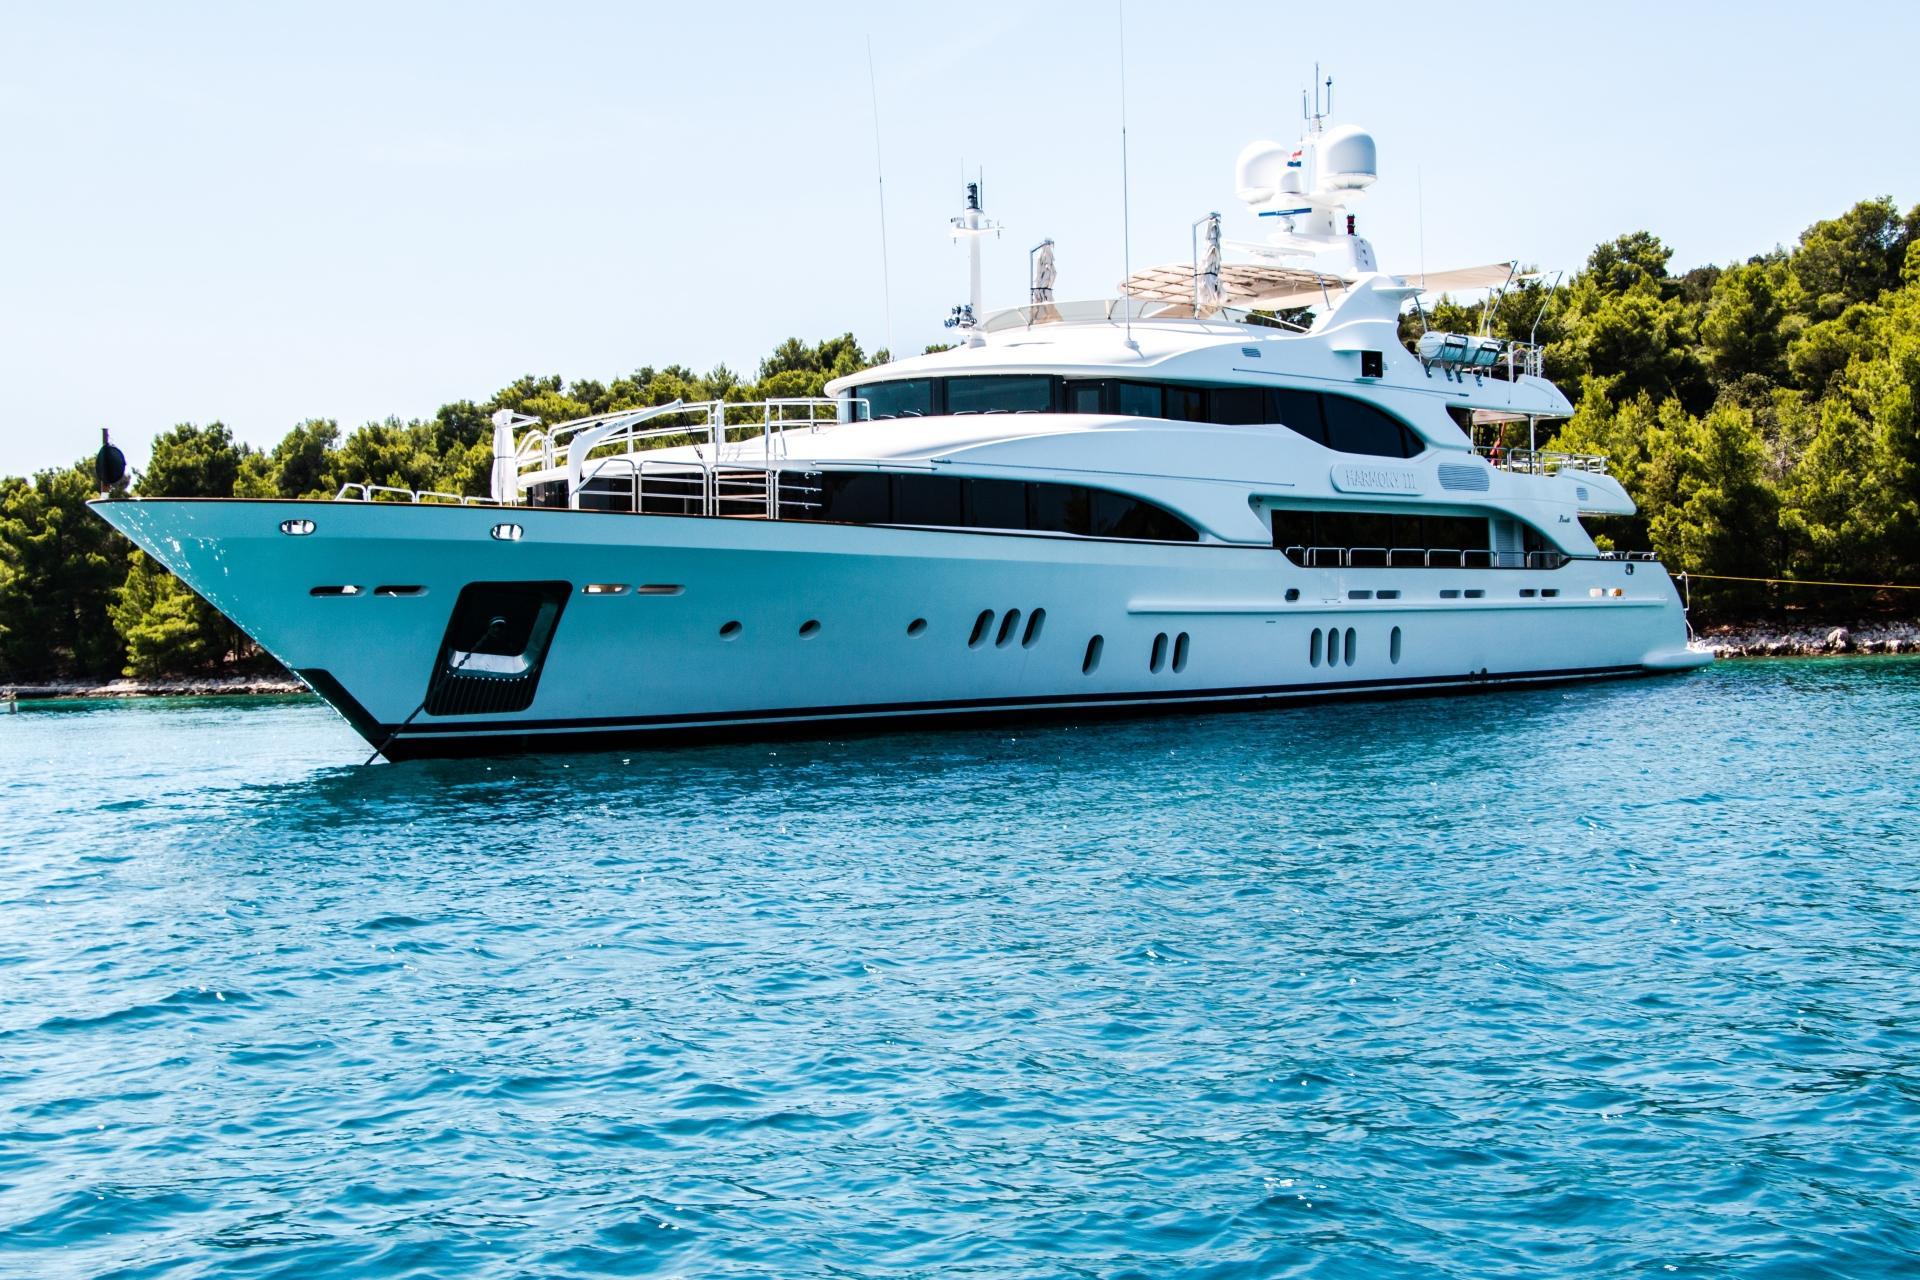 Parti Di Una Barca bed & boat. dormire una notte a bordo di uno yacht non è mai